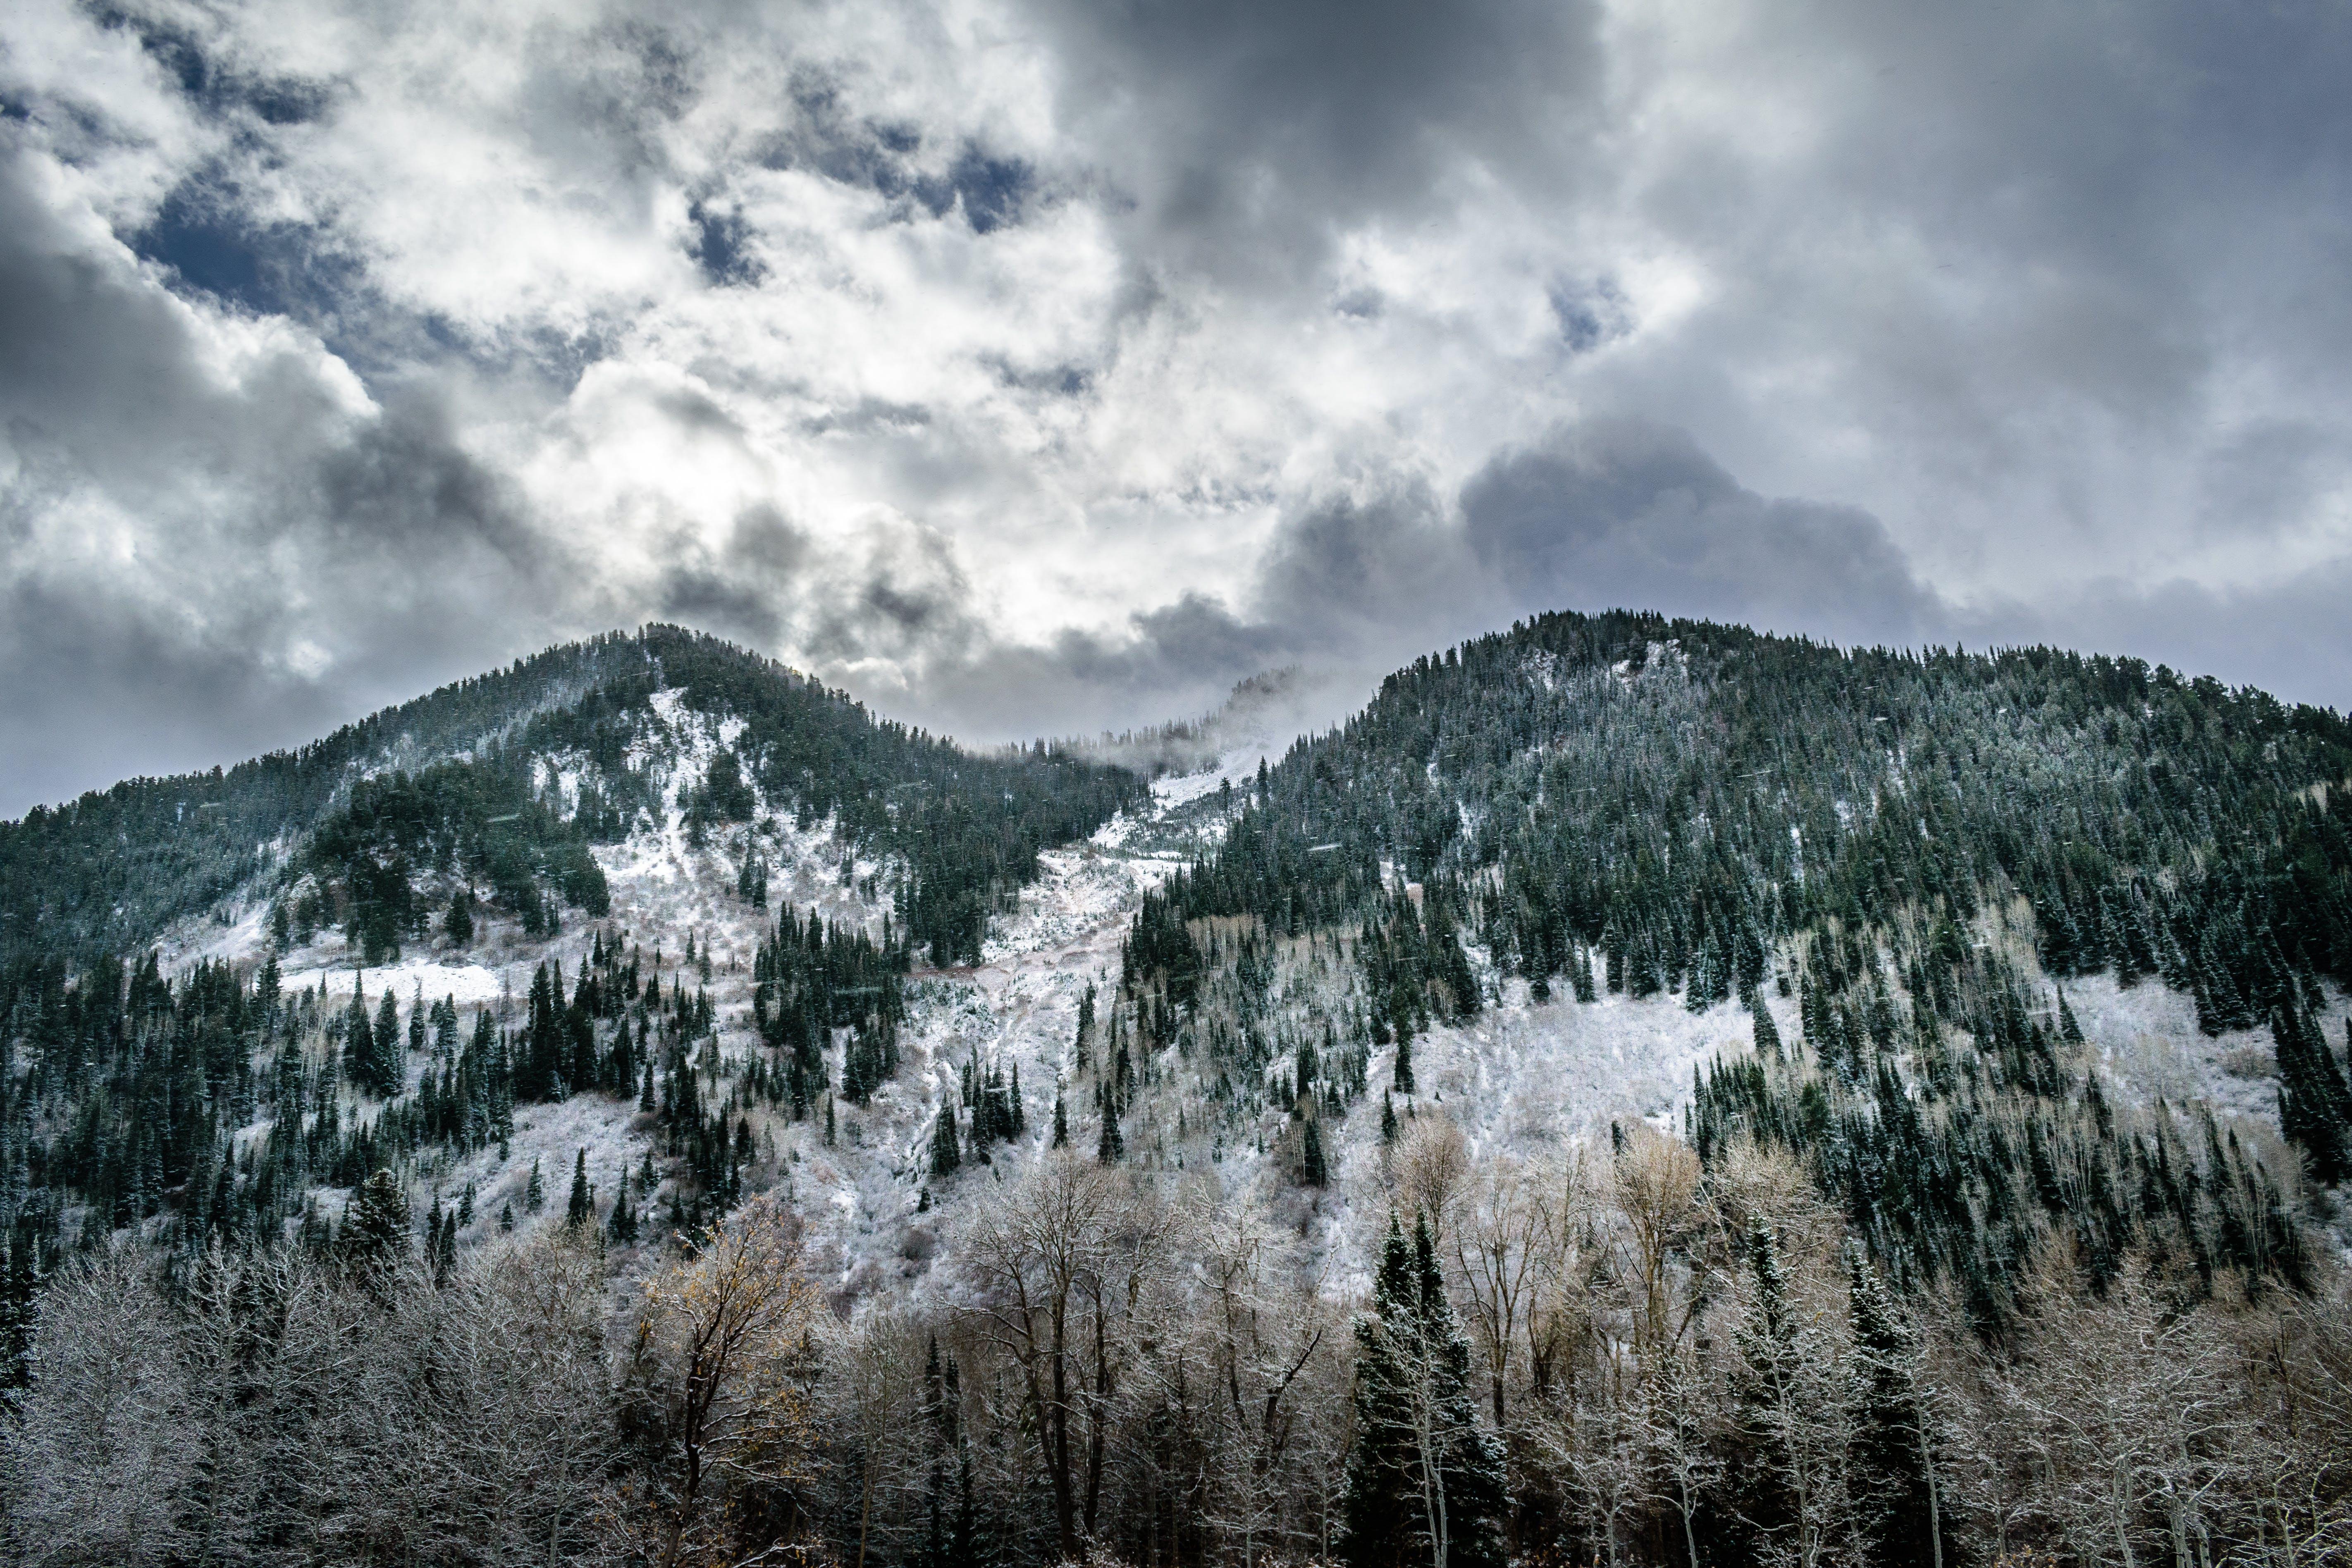 Fotos de stock gratuitas de arboles, bosque, cielo, conífera